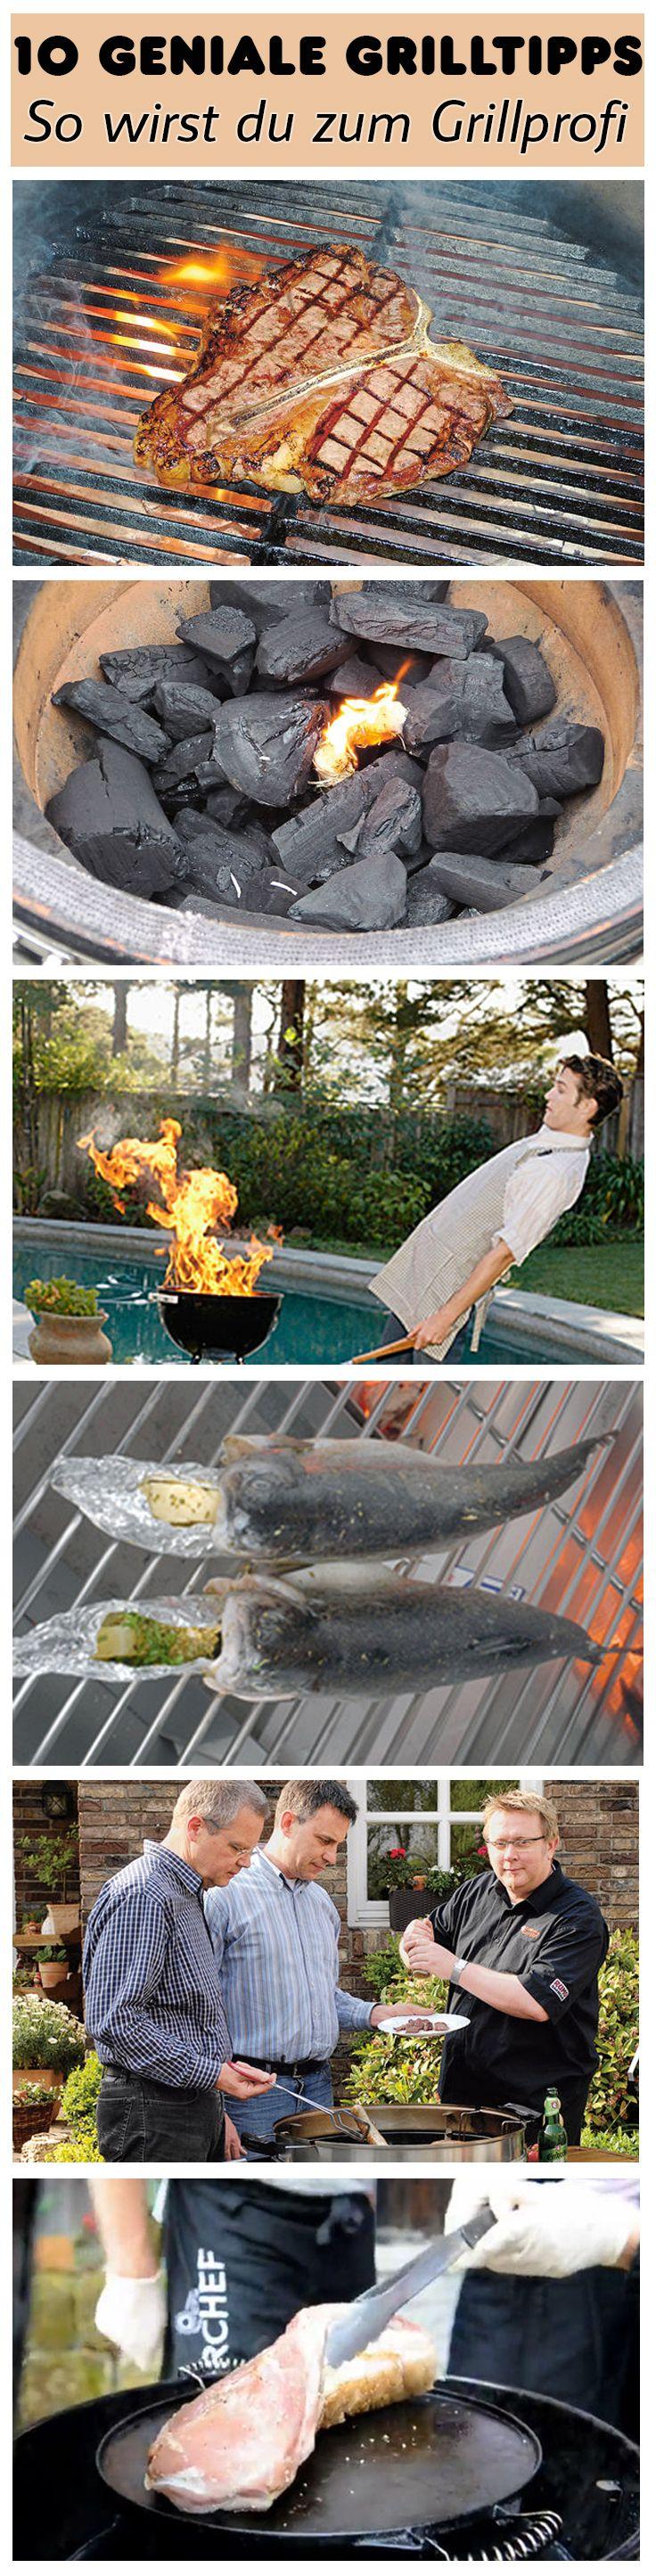 Wie feuert man Kohle richtig an? Und was sollte man beim Grillen von Fleisch und Fisch beachten? Wir geben 10 geniale Tipps zum Grillen, mit denen du zum Grillprofi wirst!